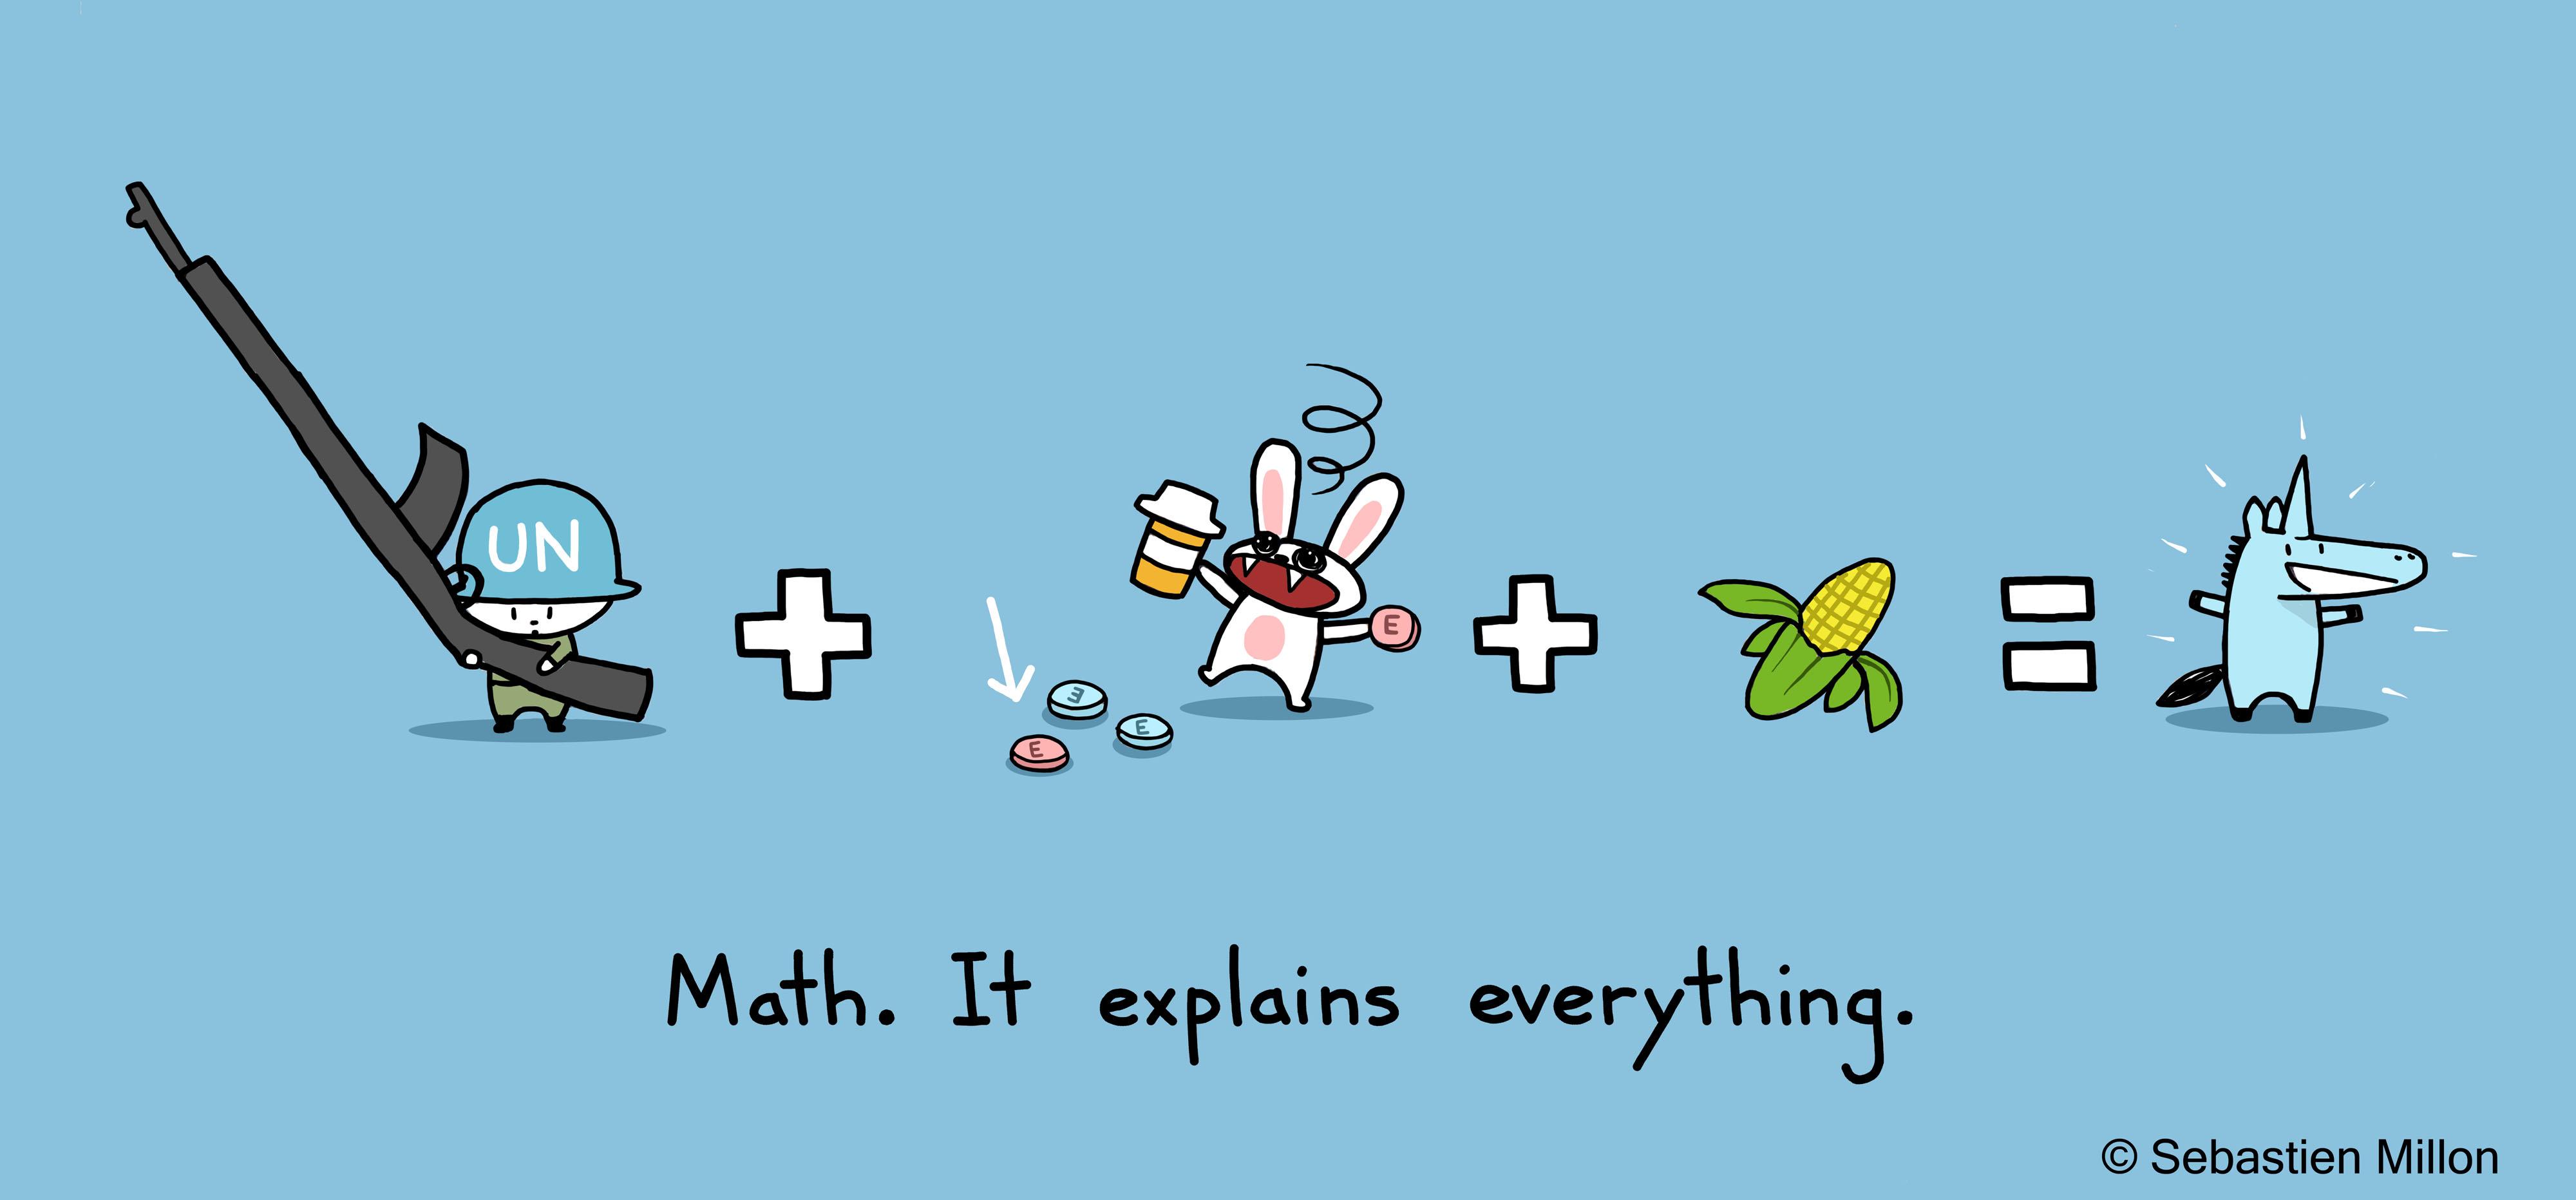 Bildergebnis für Math tumblr